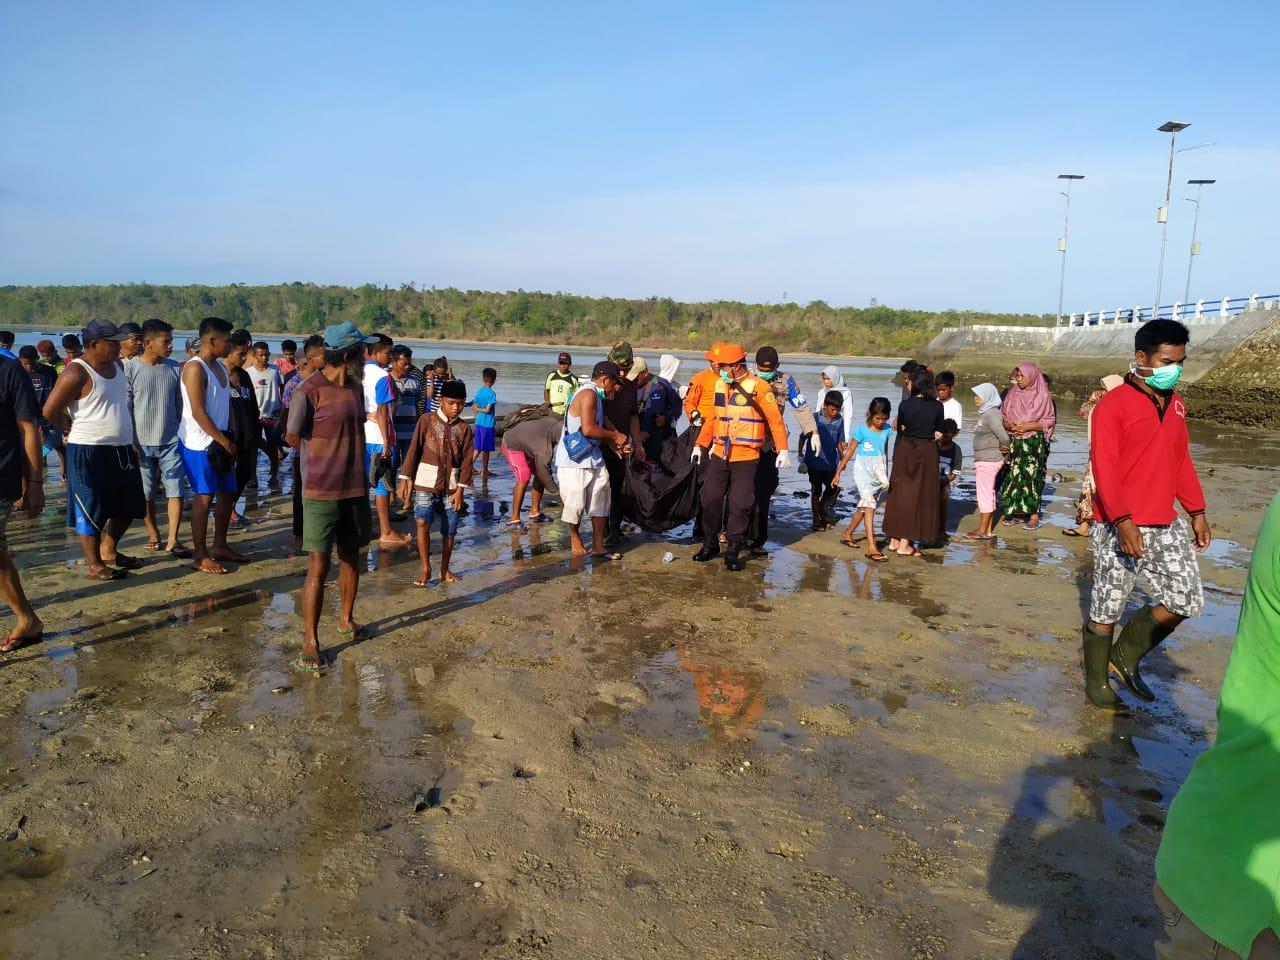 https: img-z.okeinfo.net content 2019 11 29 340 2135970 mayat-wanita-terbakar-ditemukan-di-pulau-terpencil-sultra-hidya1lrrp.jpg